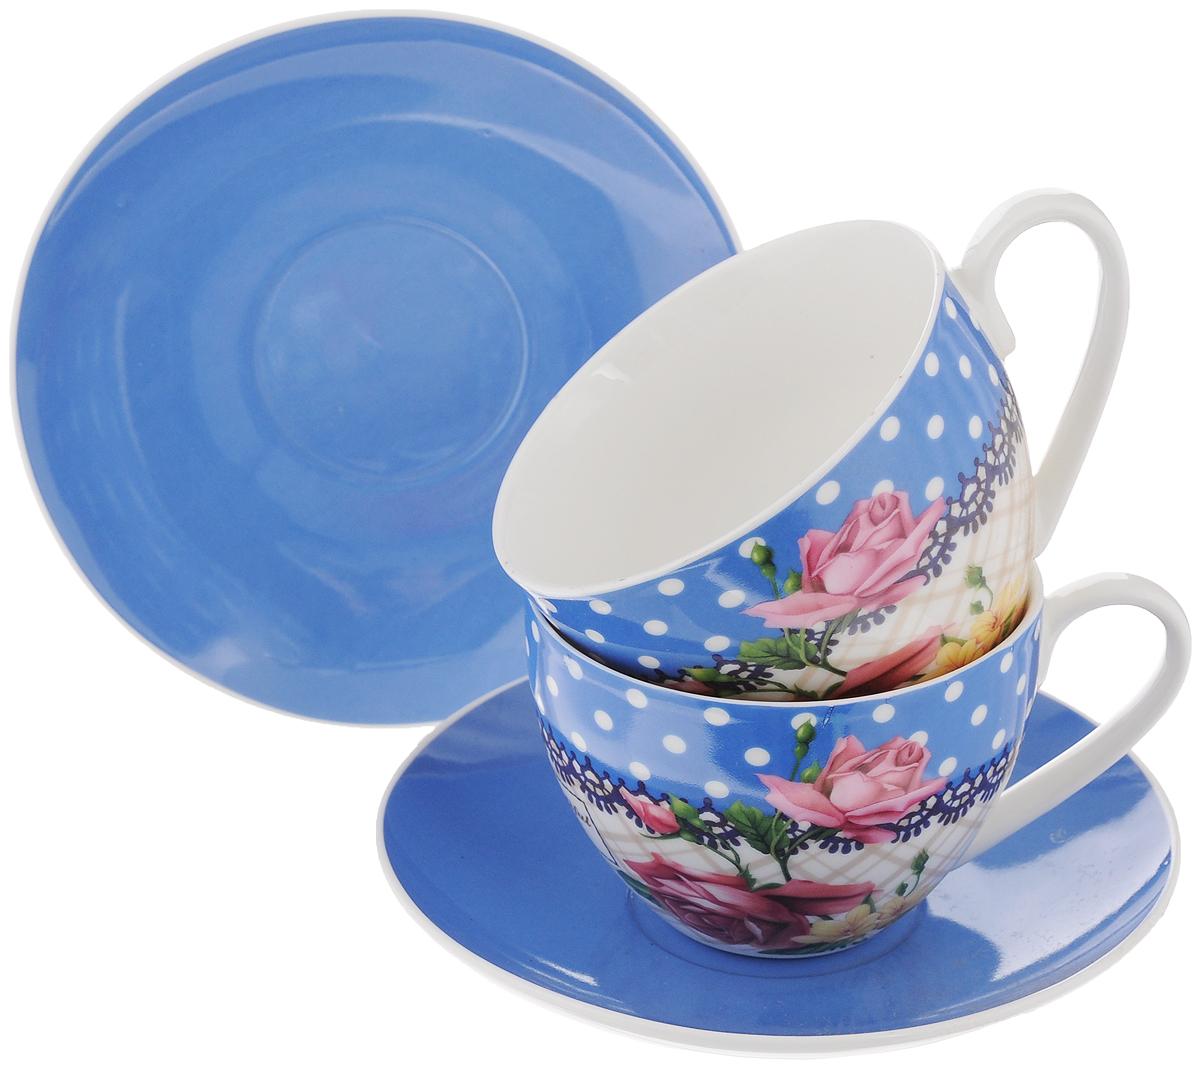 Набор чайный Loraine Букет, 4 предмета22997Чайный набор Loraine Букет состоит из двух чашек и двух блюдец, выполненныхиз высококачественного костяного фарфора. Чашки оформлены красивымцветочным рисунком.Такой набор красиво дополнит сервировку стола к чаепитию, а ткже станетзамечательнымподарком для ваших друзей и близких.Набор упакован в подарочную коробку в форме сердца, задрапированную белойатласной тканью.Объем чашки: 200 мл.Диаметр чашки (по верхнему краю): 9 см.Высота чашки: 6,5 см.Диаметр блюдца: 14 см.